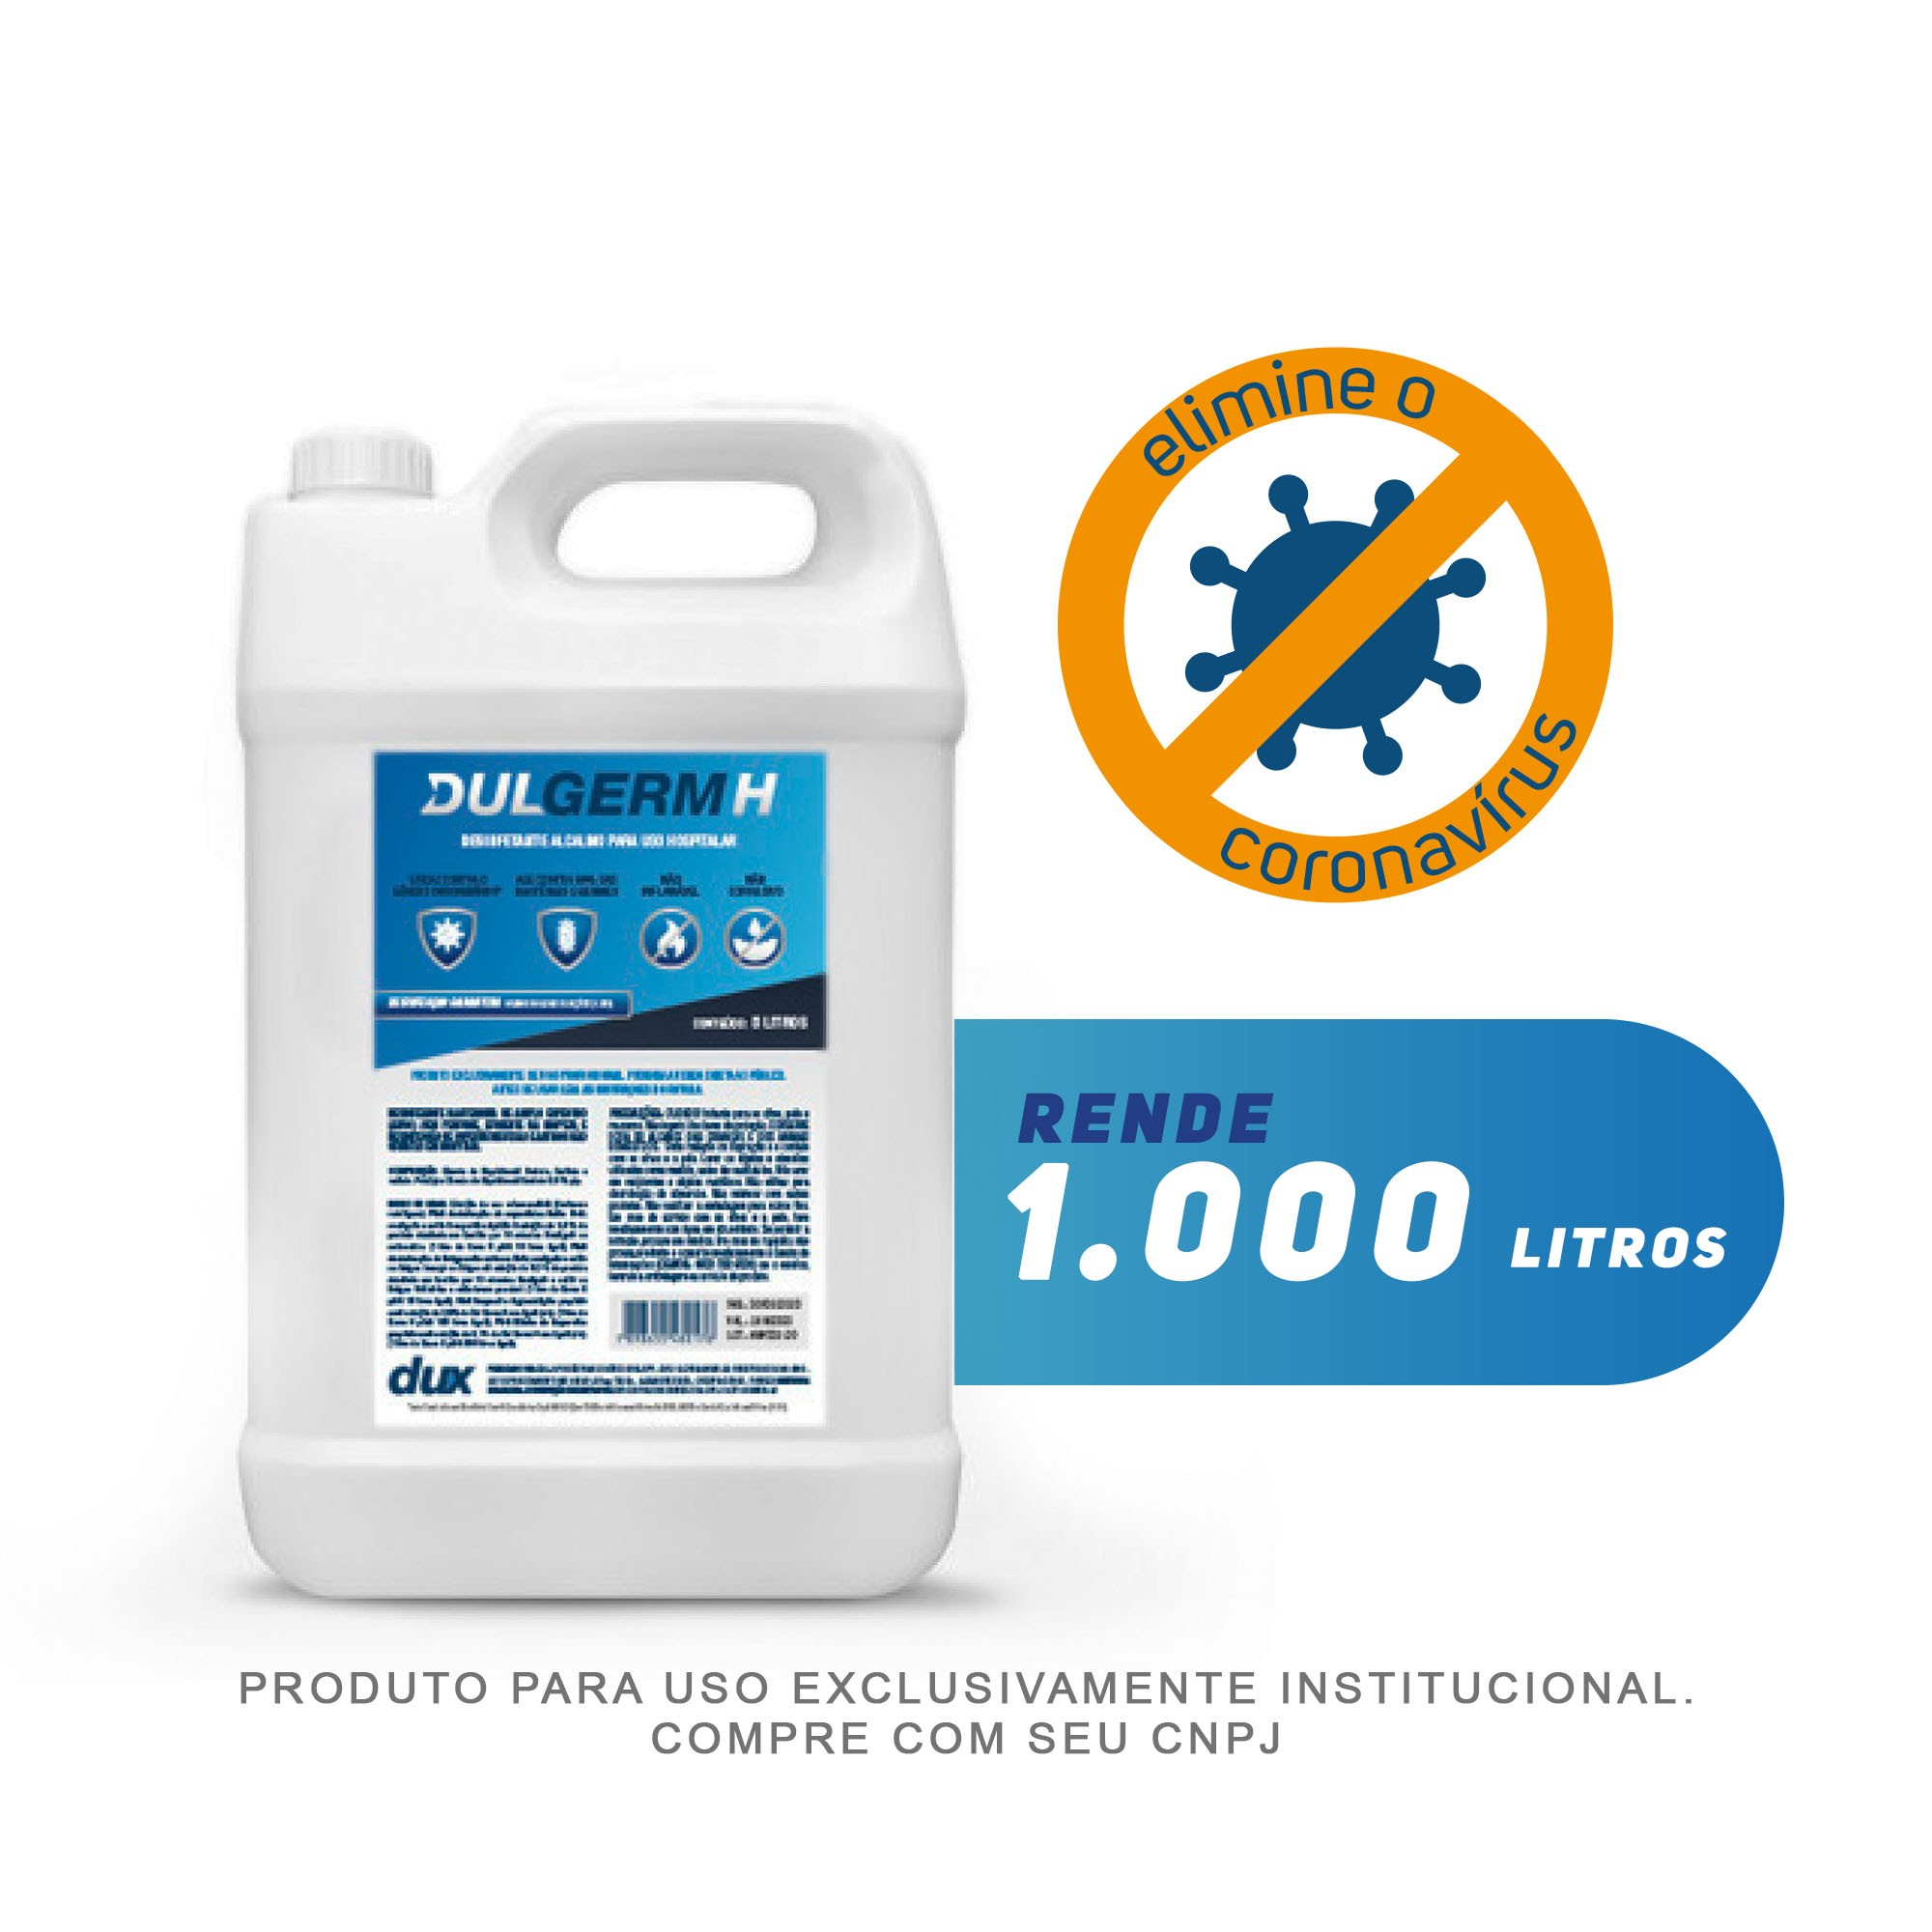 DulGerm H - Desinfetante Profissional Super Concentrado - 5 Litros